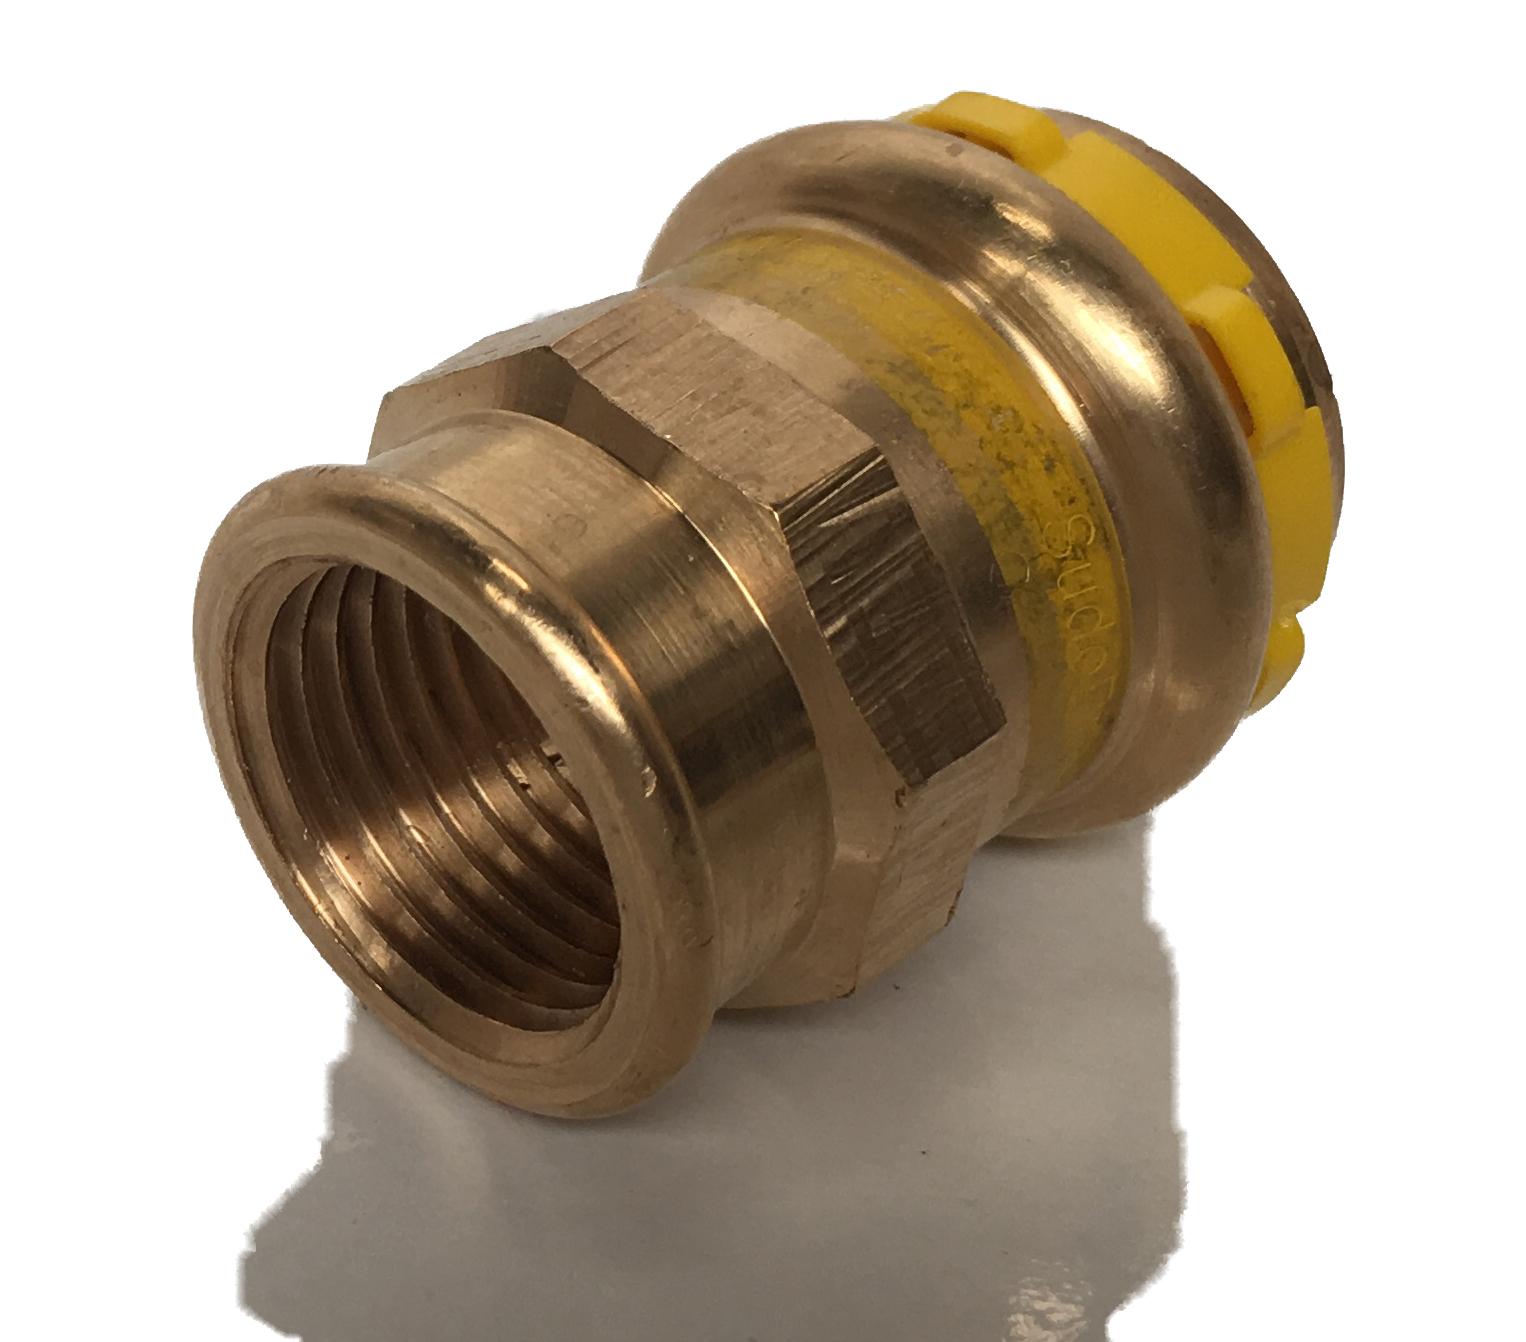 Straight fitting Copper Sudopress Press GAS 15x1/2F V-profile